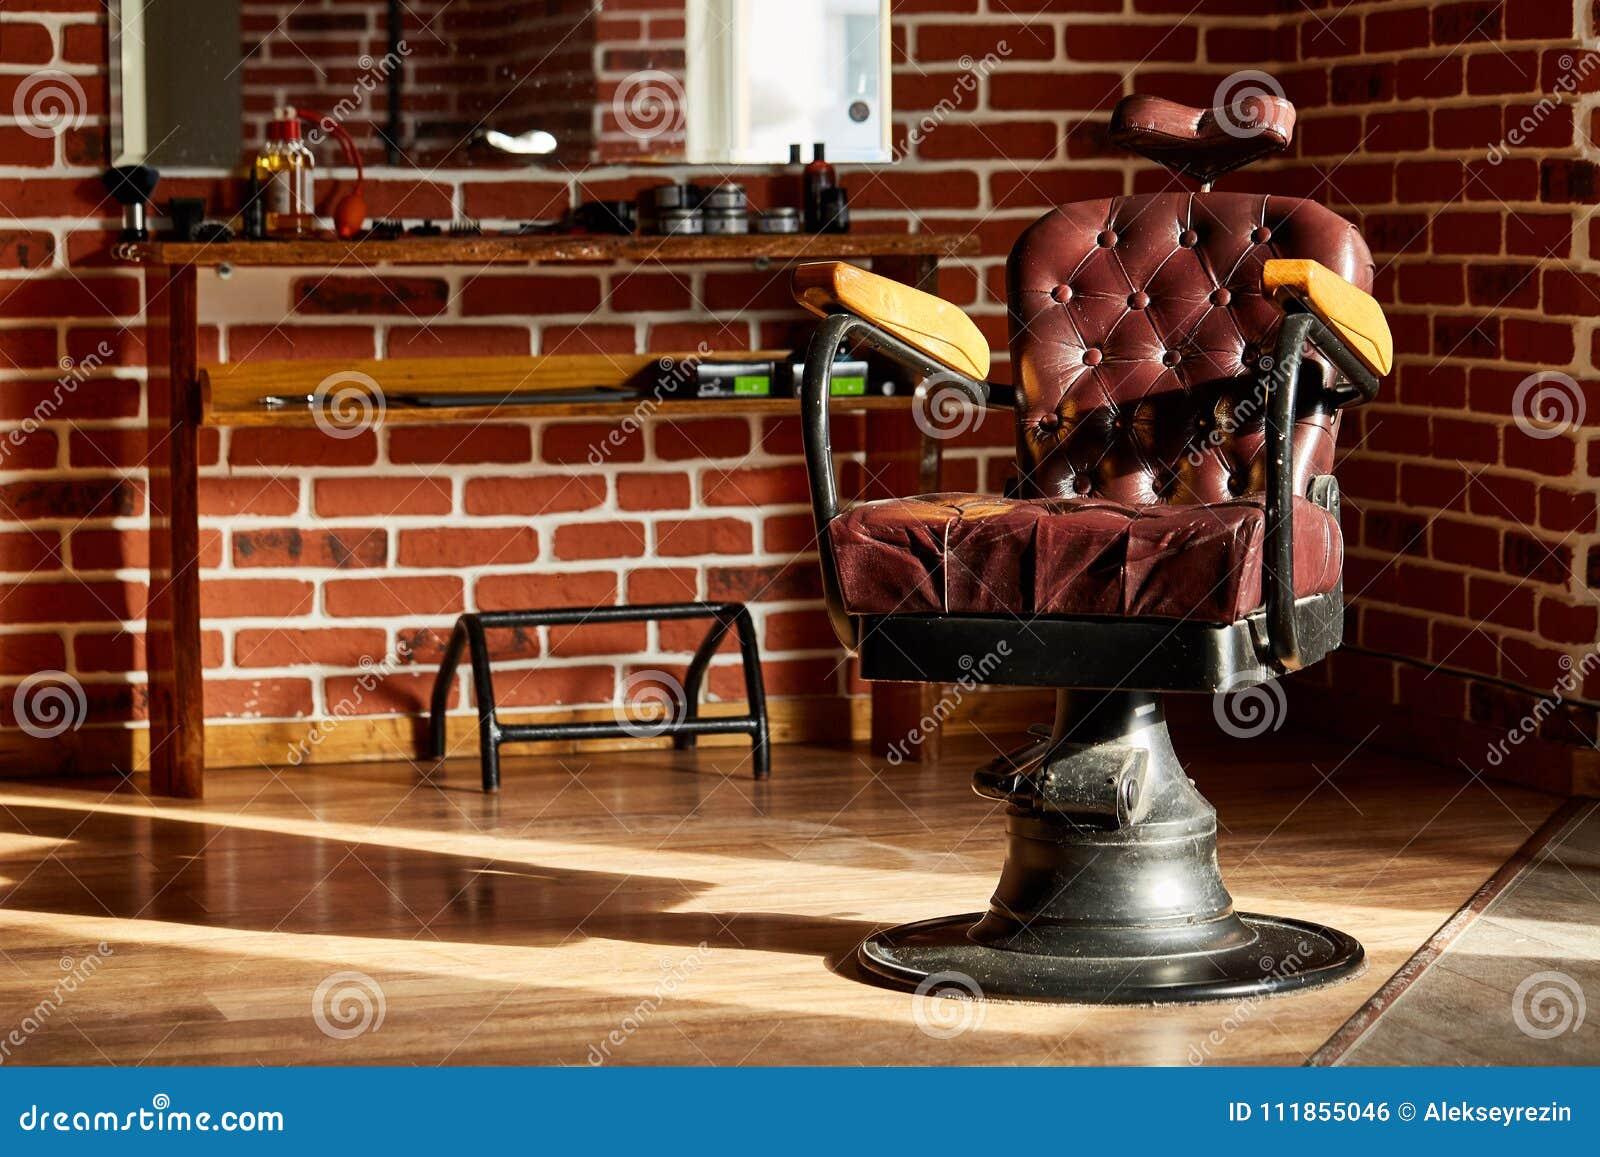 Ретро парикмахерская кожаного стула в винтажном стиле Тема парикмахерскаи